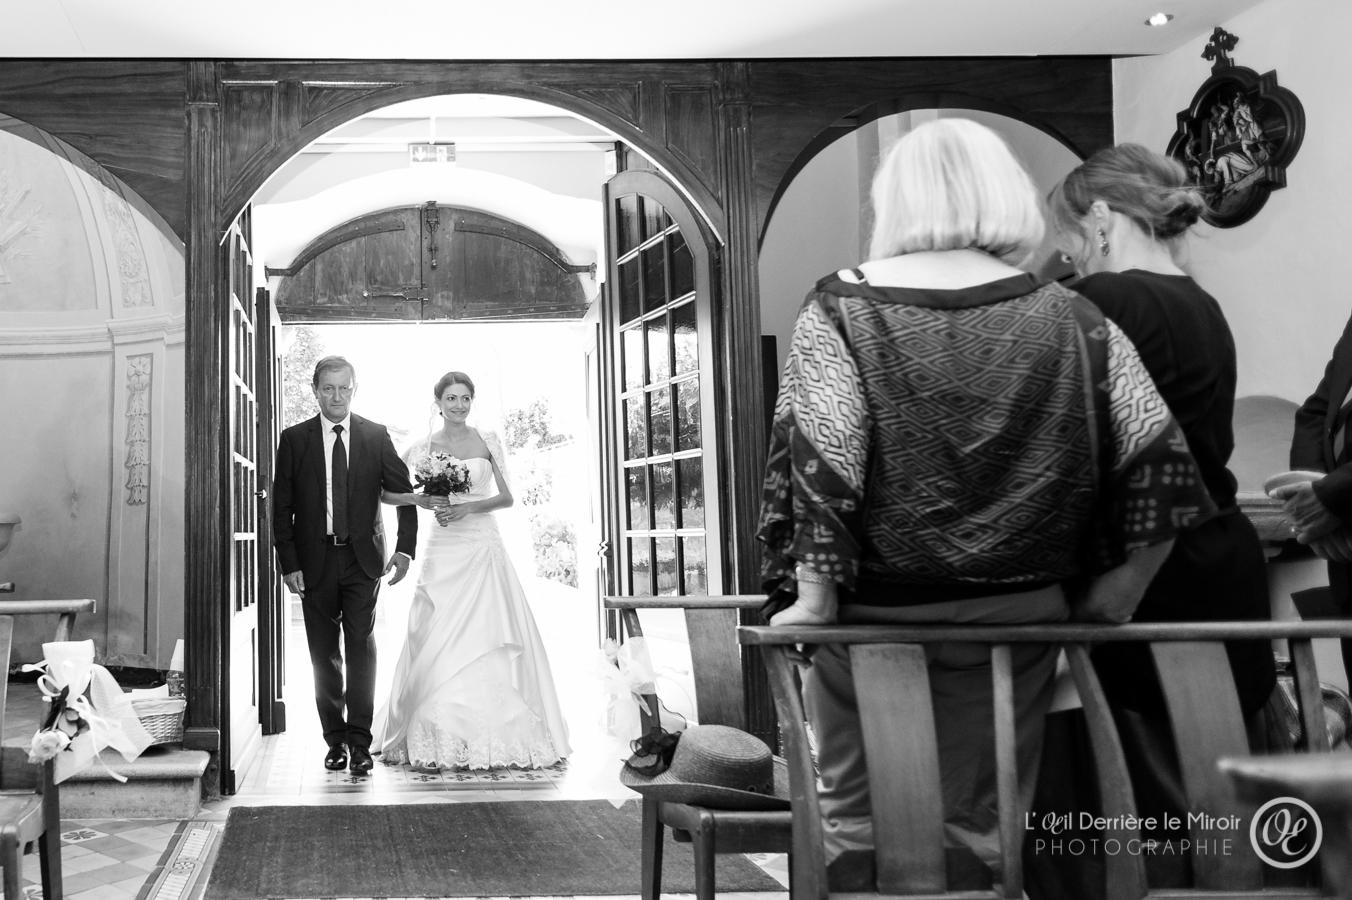 photographe-mariage-villeneuve-loubet-051